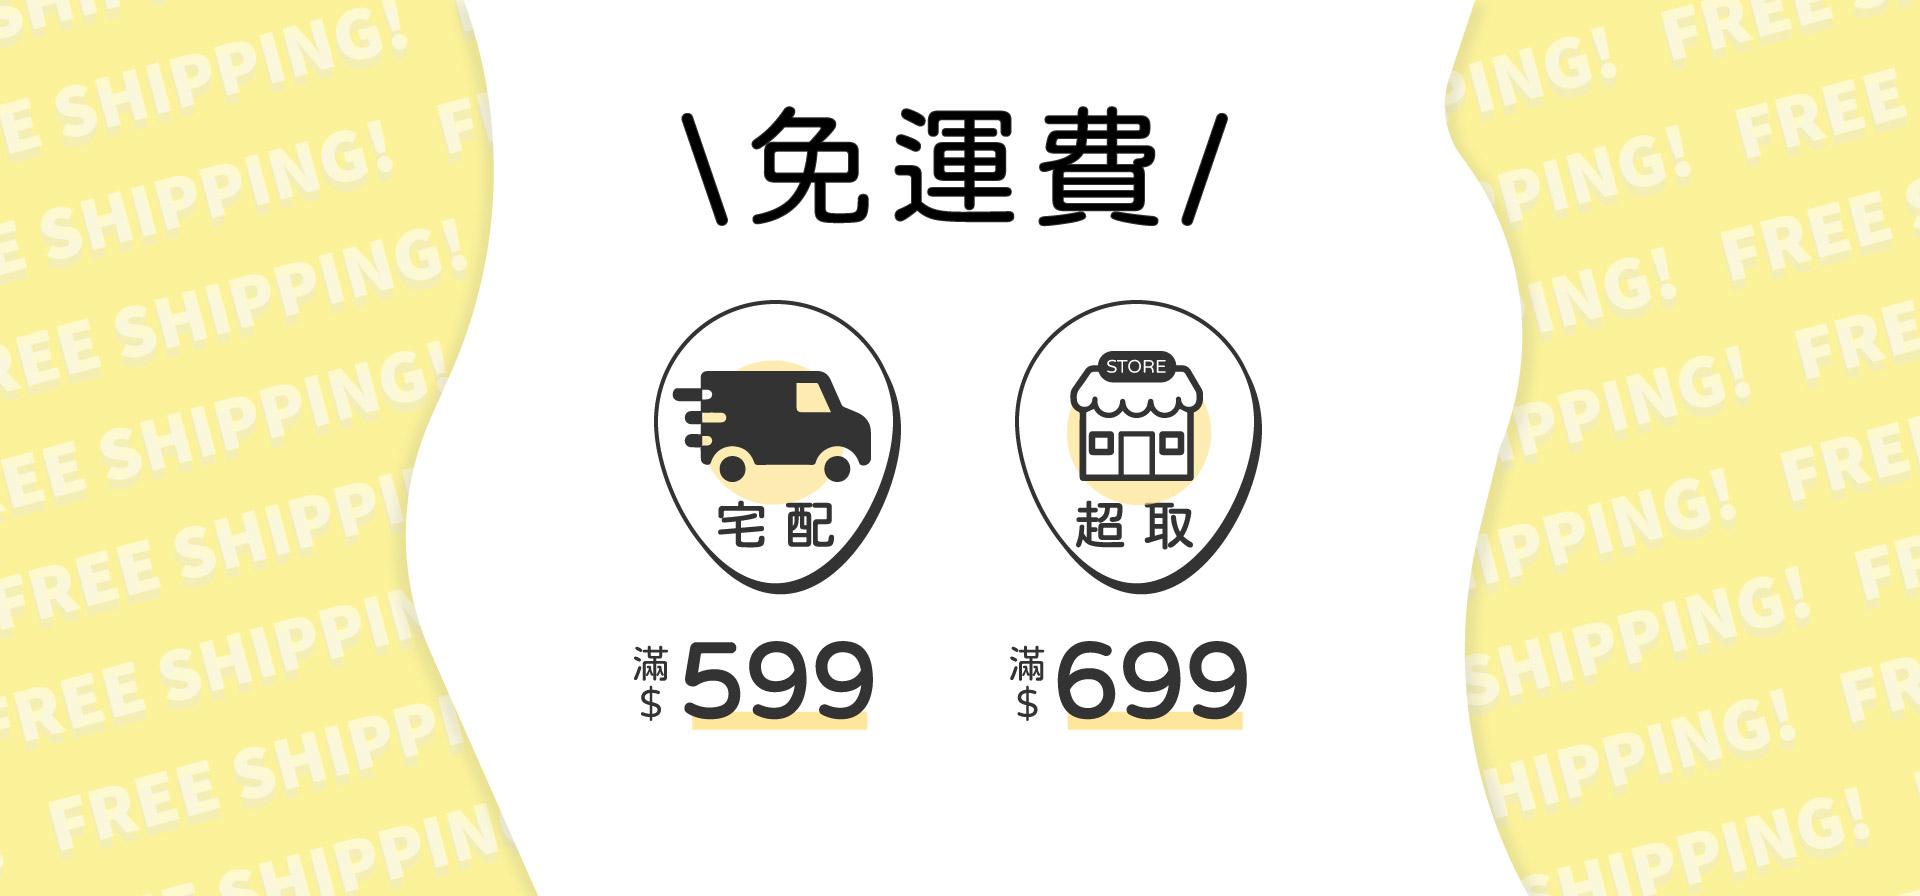 宅配滿599元或超商取貨699元即可享免運費